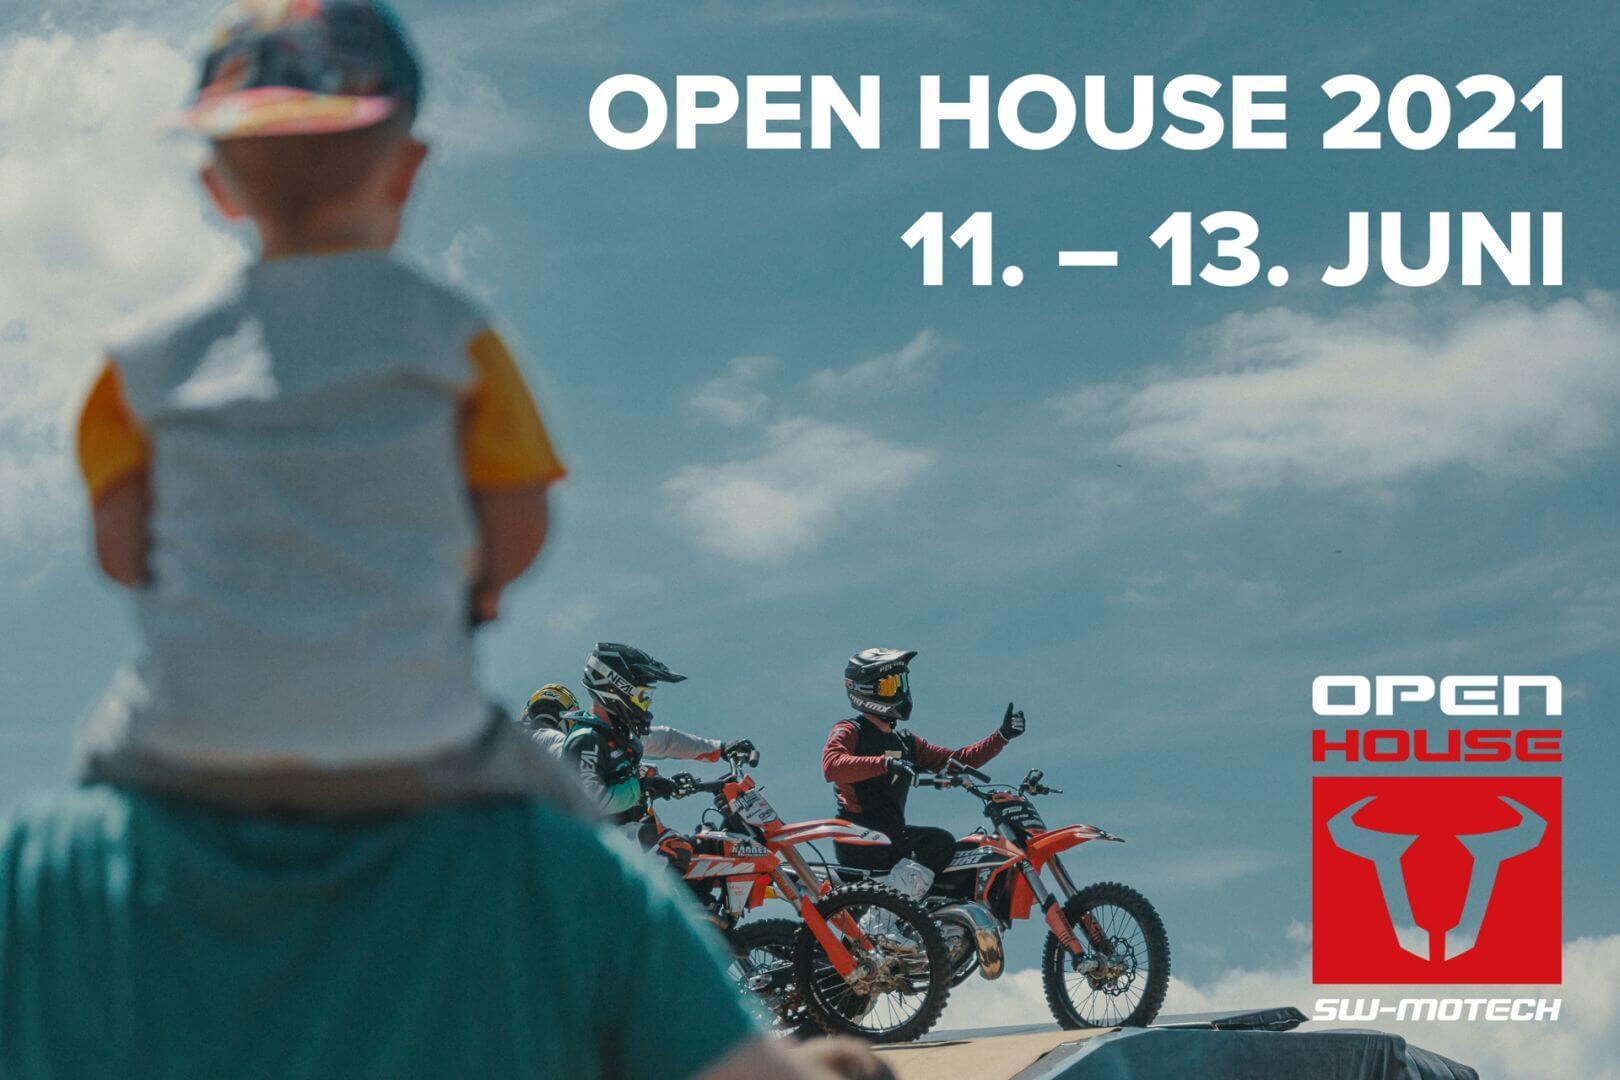 SW-Motech: Open House 2021